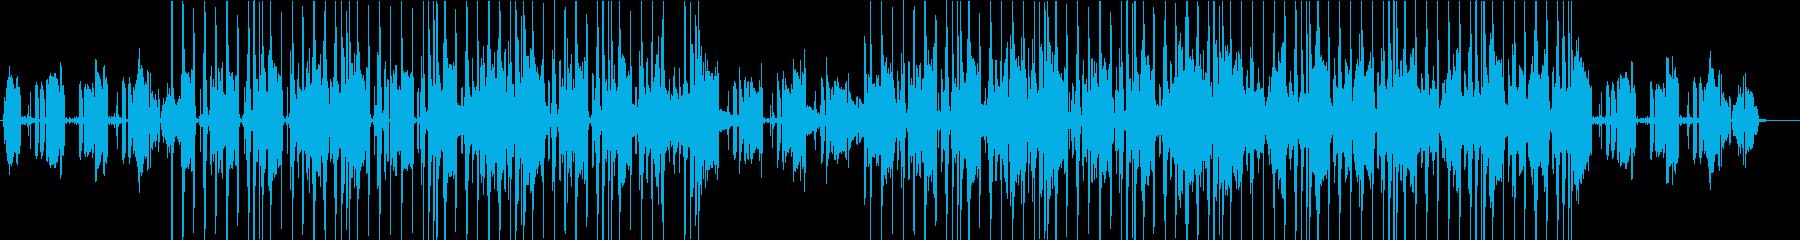 物品紹介に最適BGMの再生済みの波形